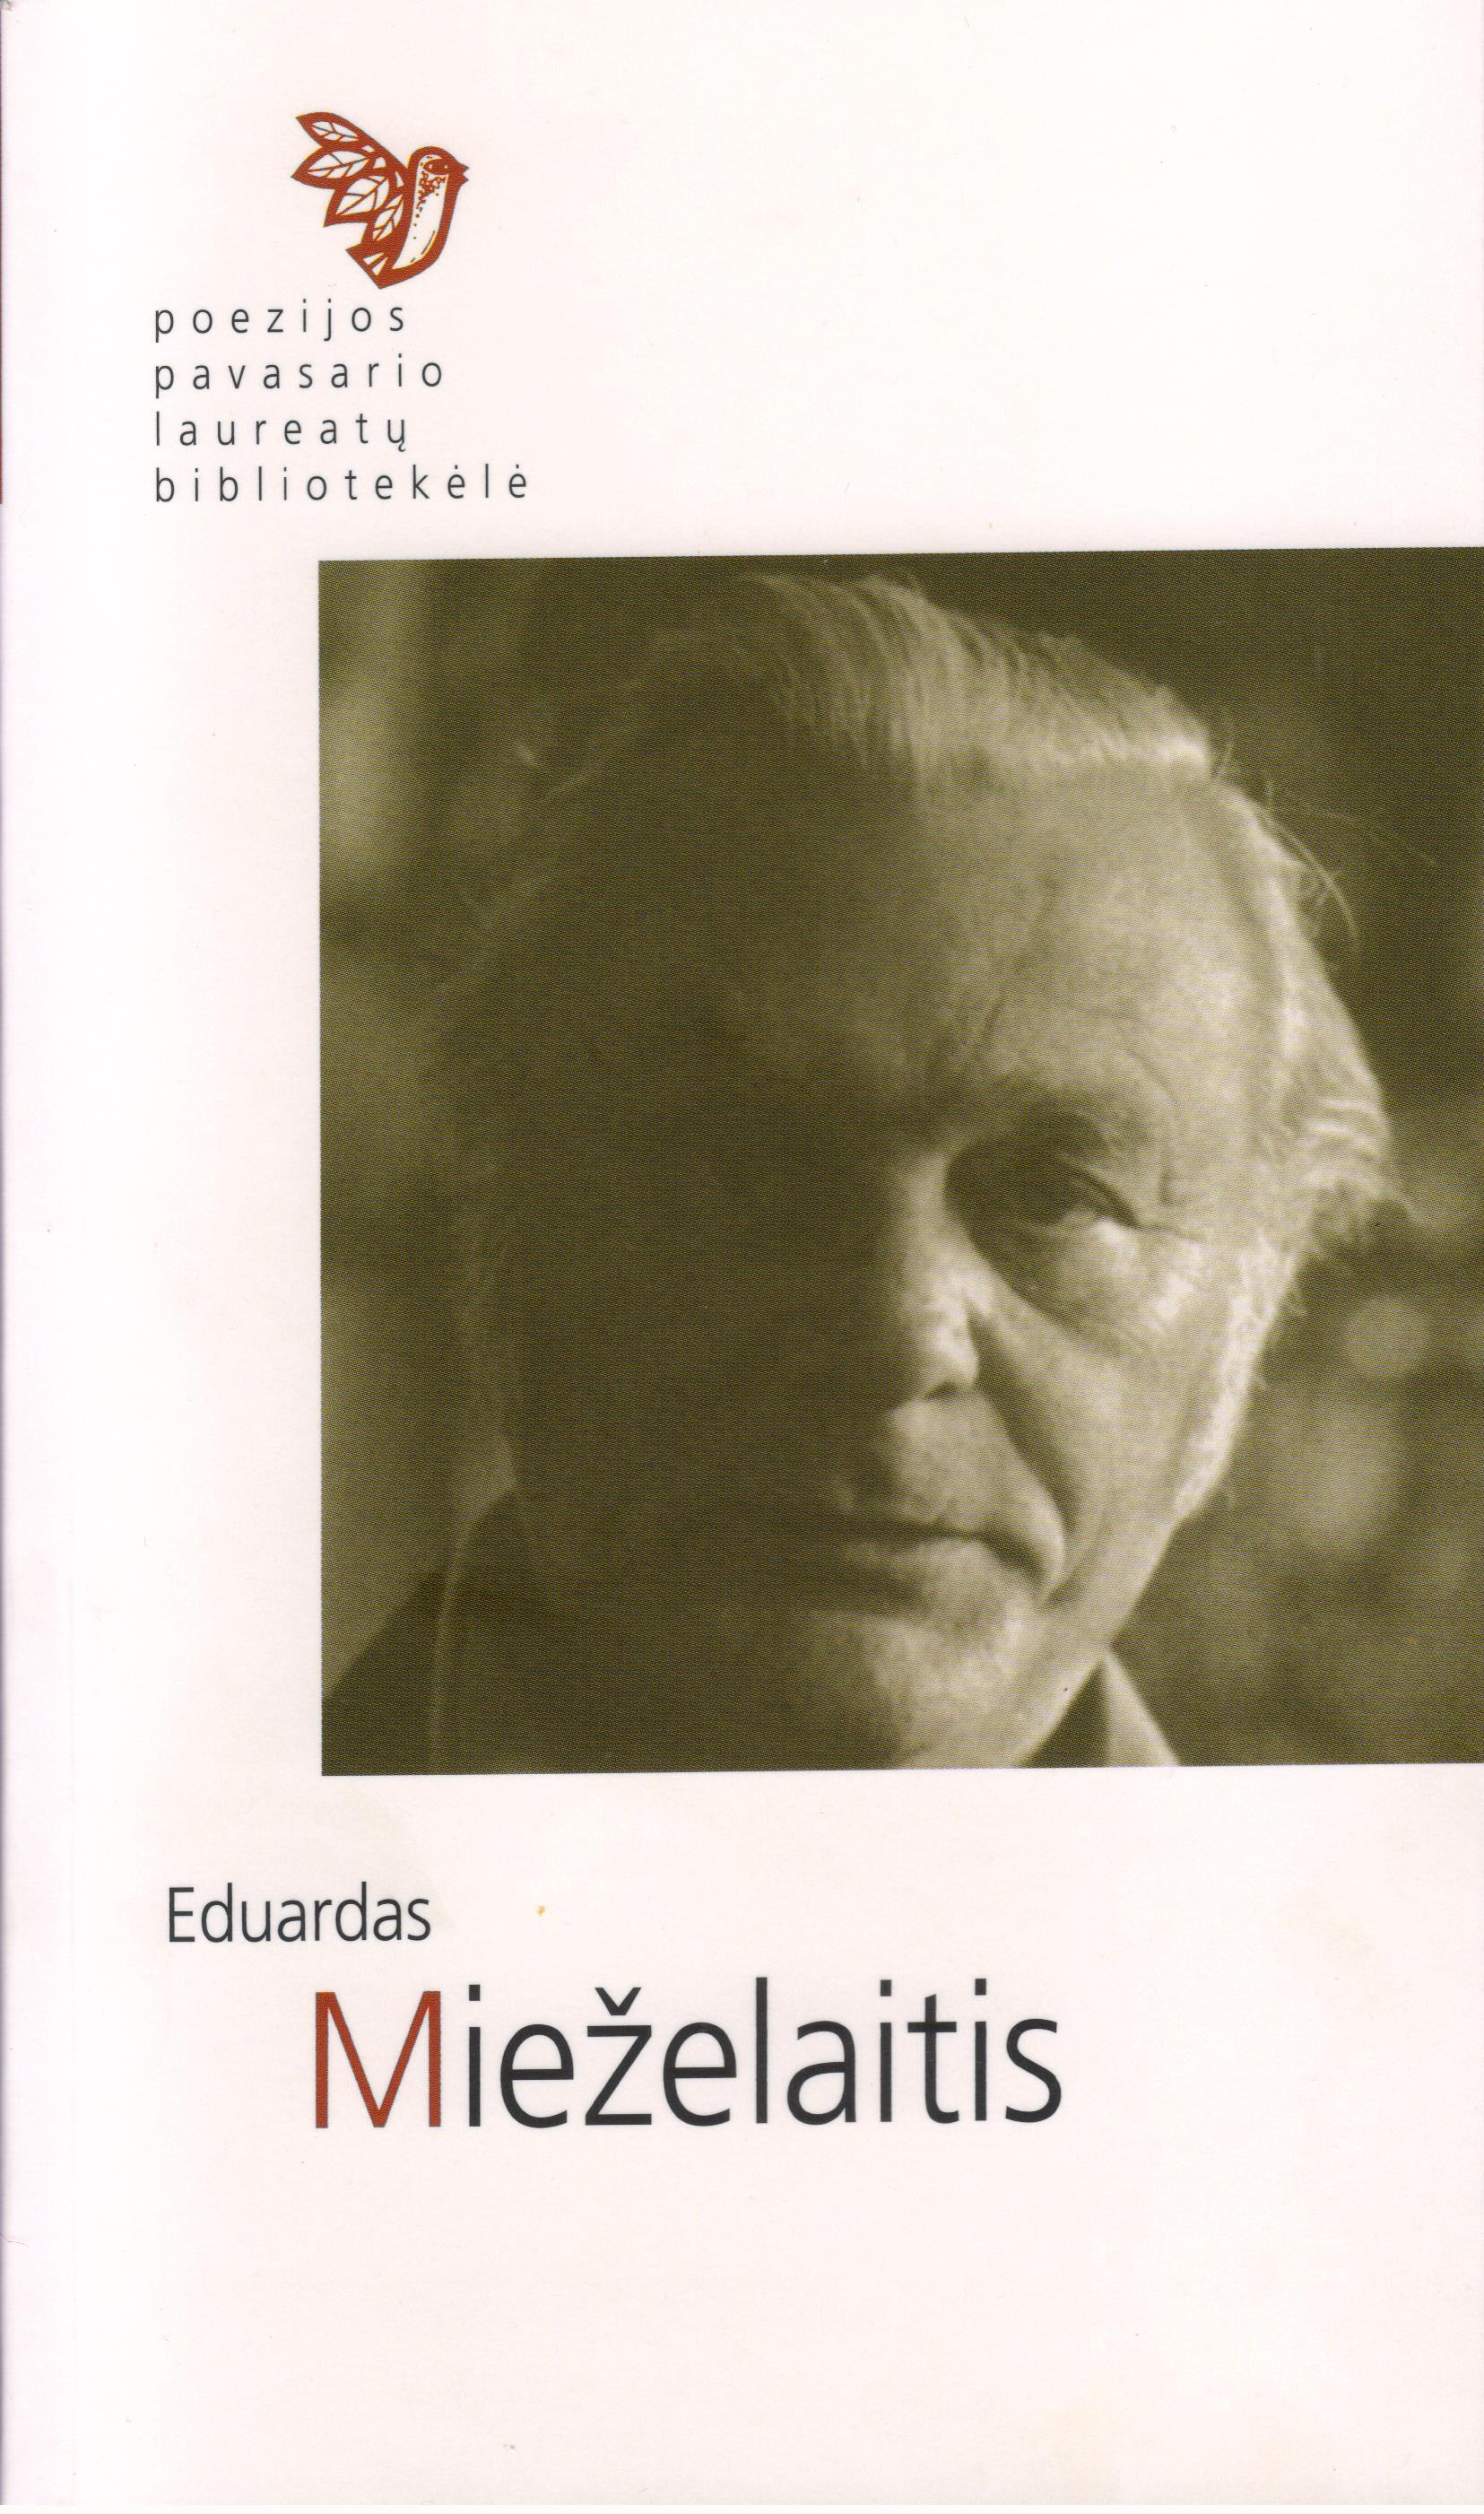 Poezijos pavasario laureatų bibliotekėlė. Eduardas Mieželaitis: eilėraščiai. (Kaunas: Naujasis lankas: Kauno meno kūrėjų asociacija, 2016)